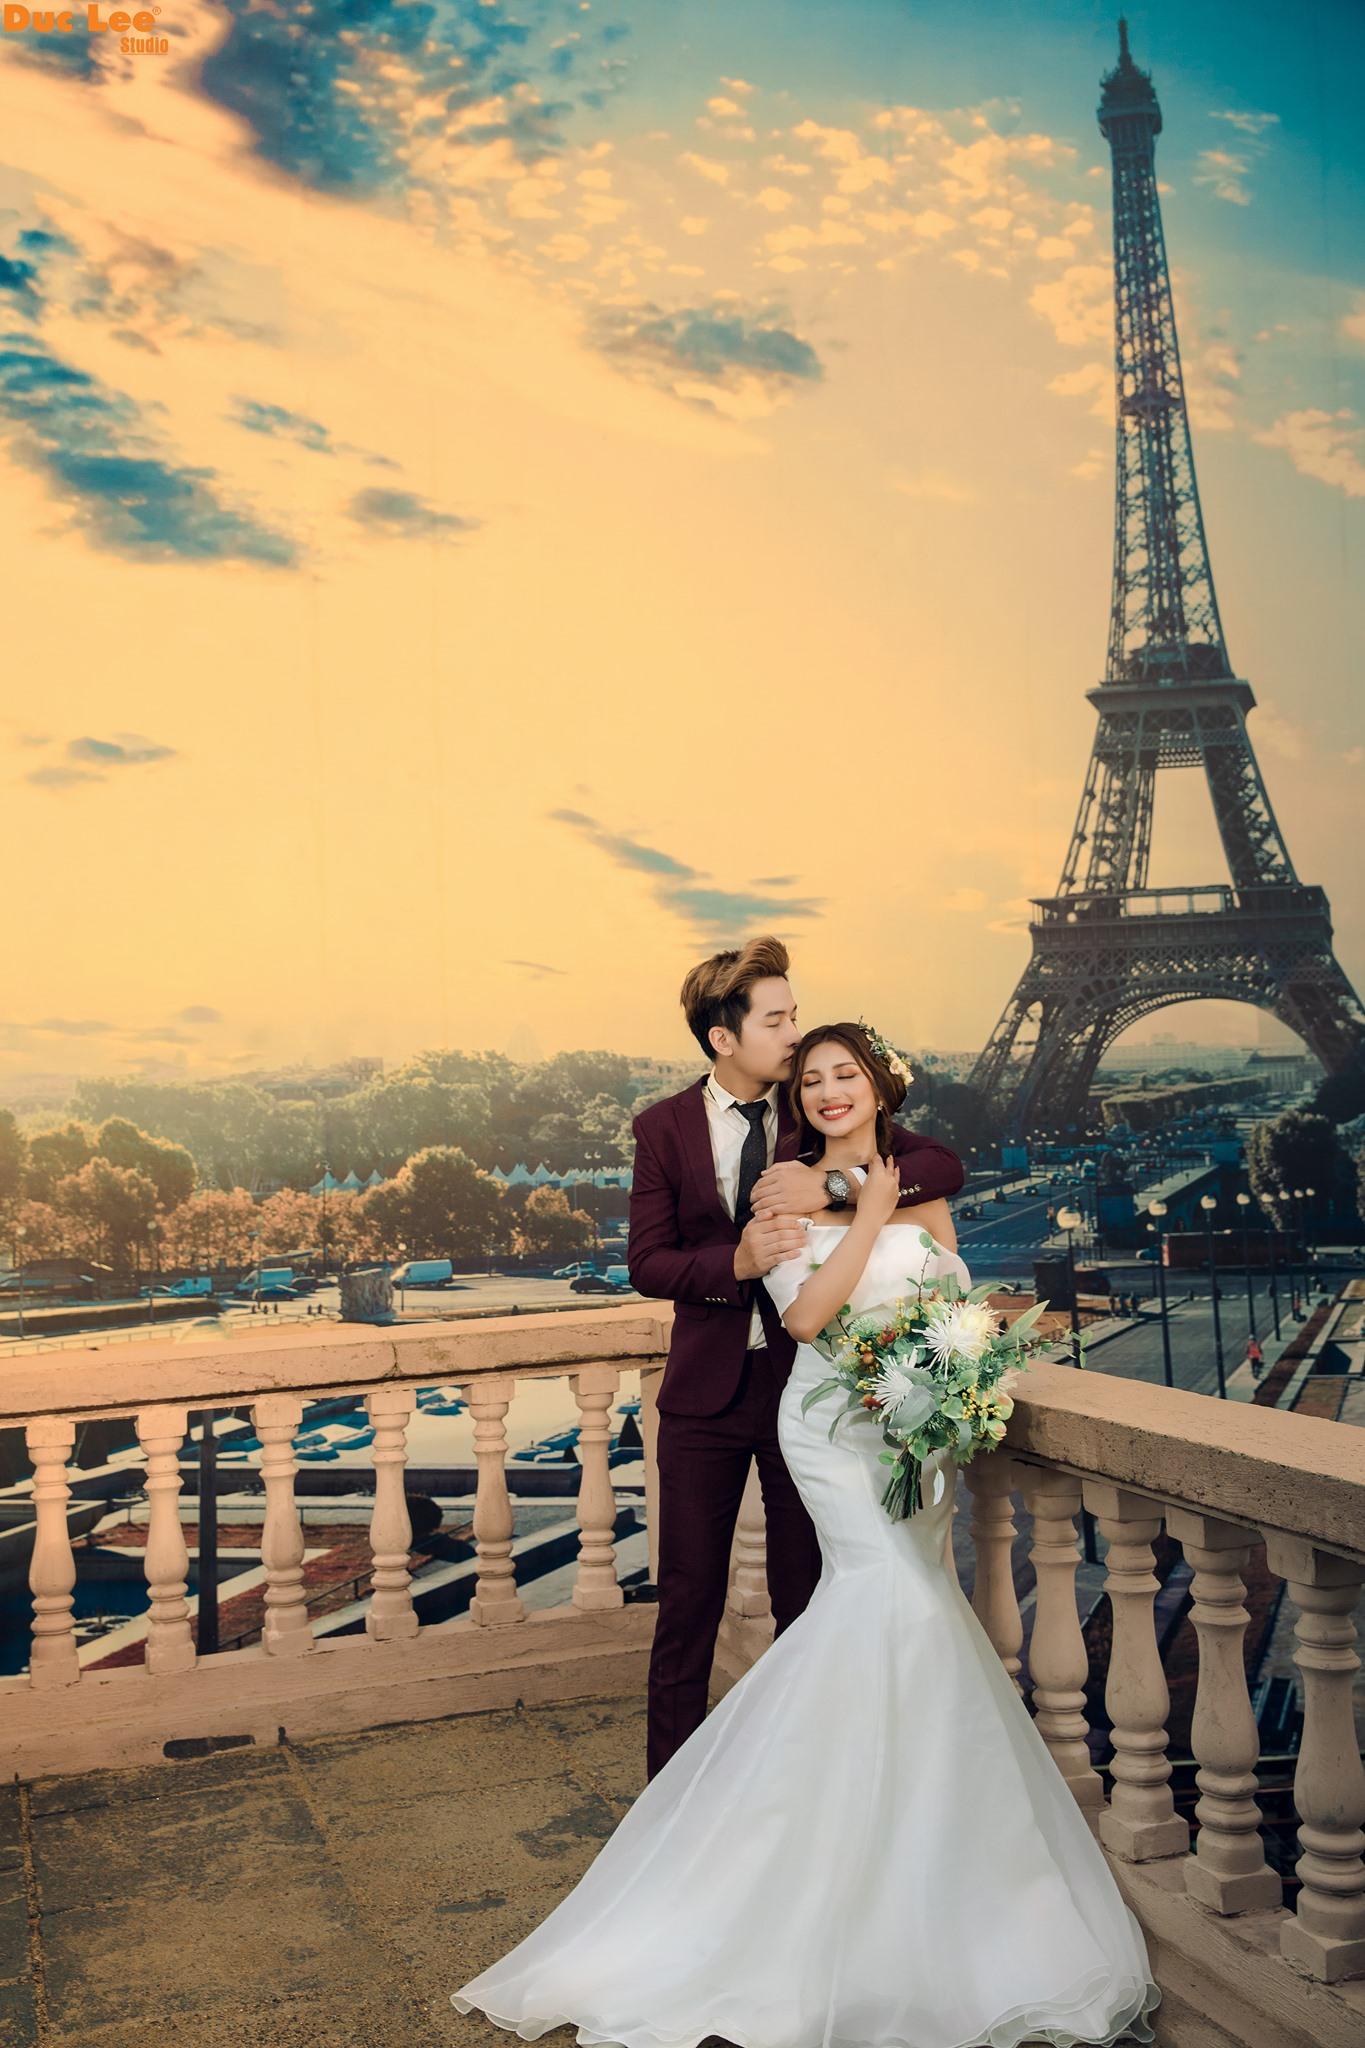 Ảnh Cưới Đẹp Phim Trường Paris